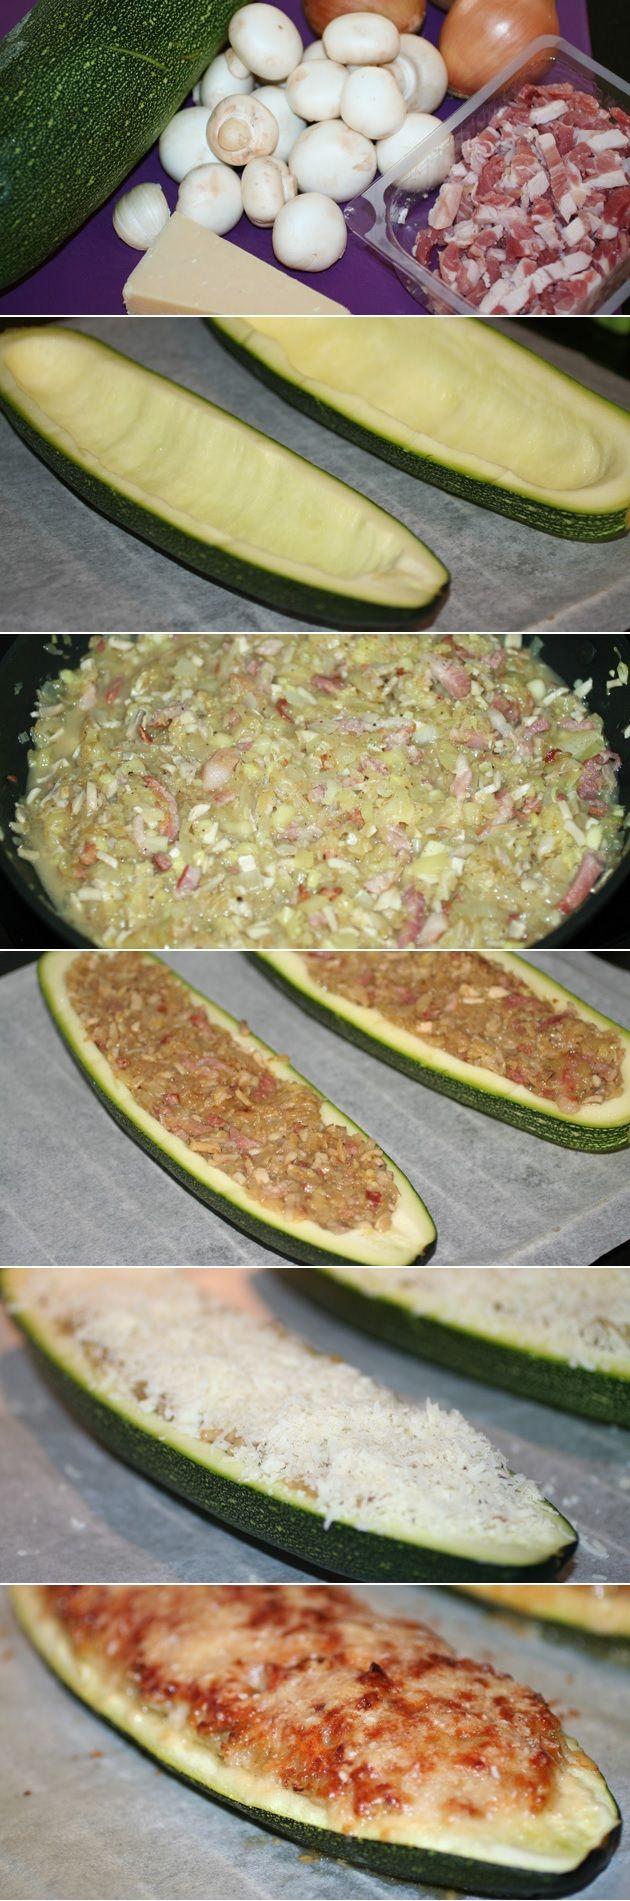 Squash fyldt med bacon, ris og andre lækkerier er en fryd for ganen. Top med masser af parmesanost.